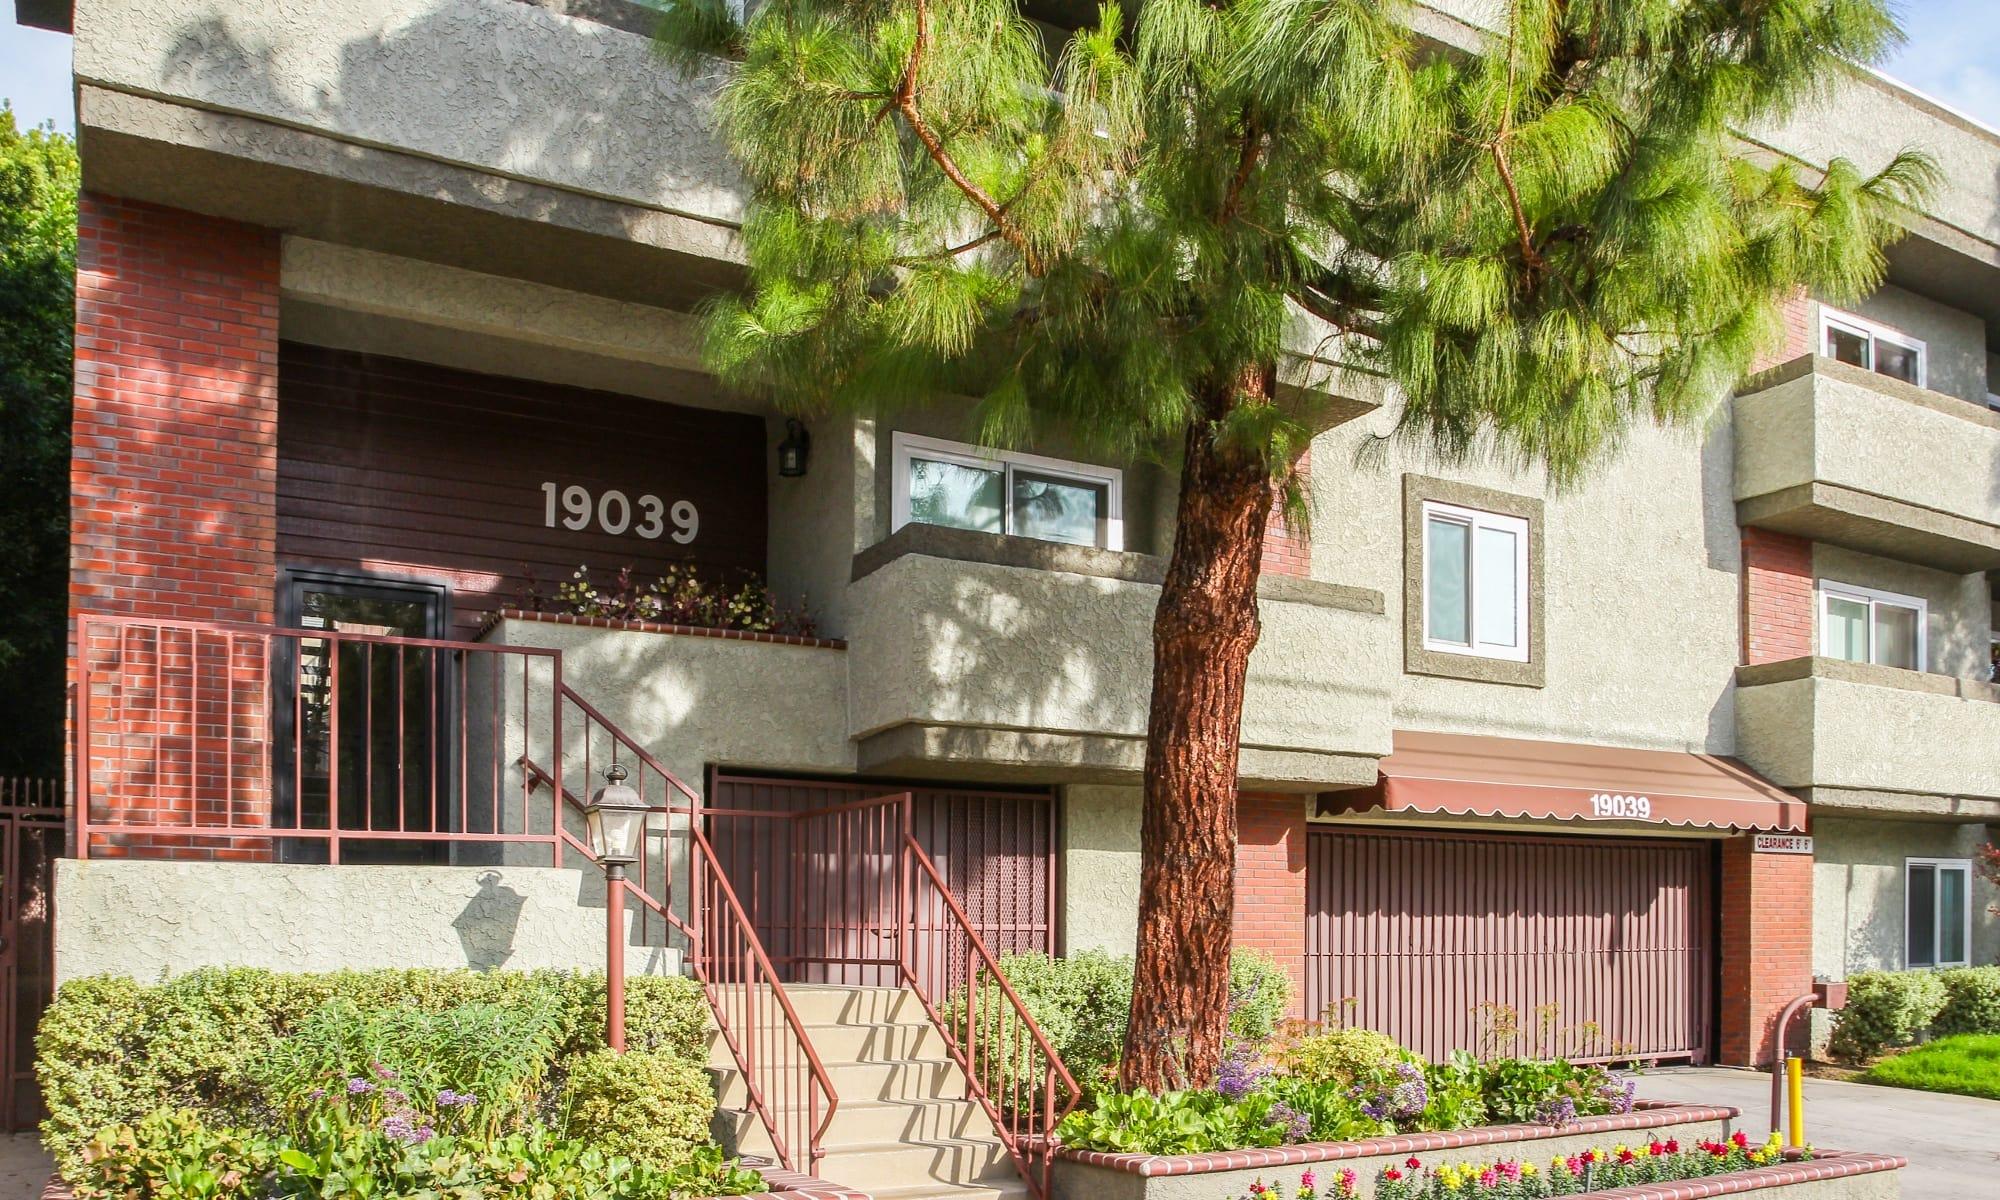 Apartments in Northridge, CA